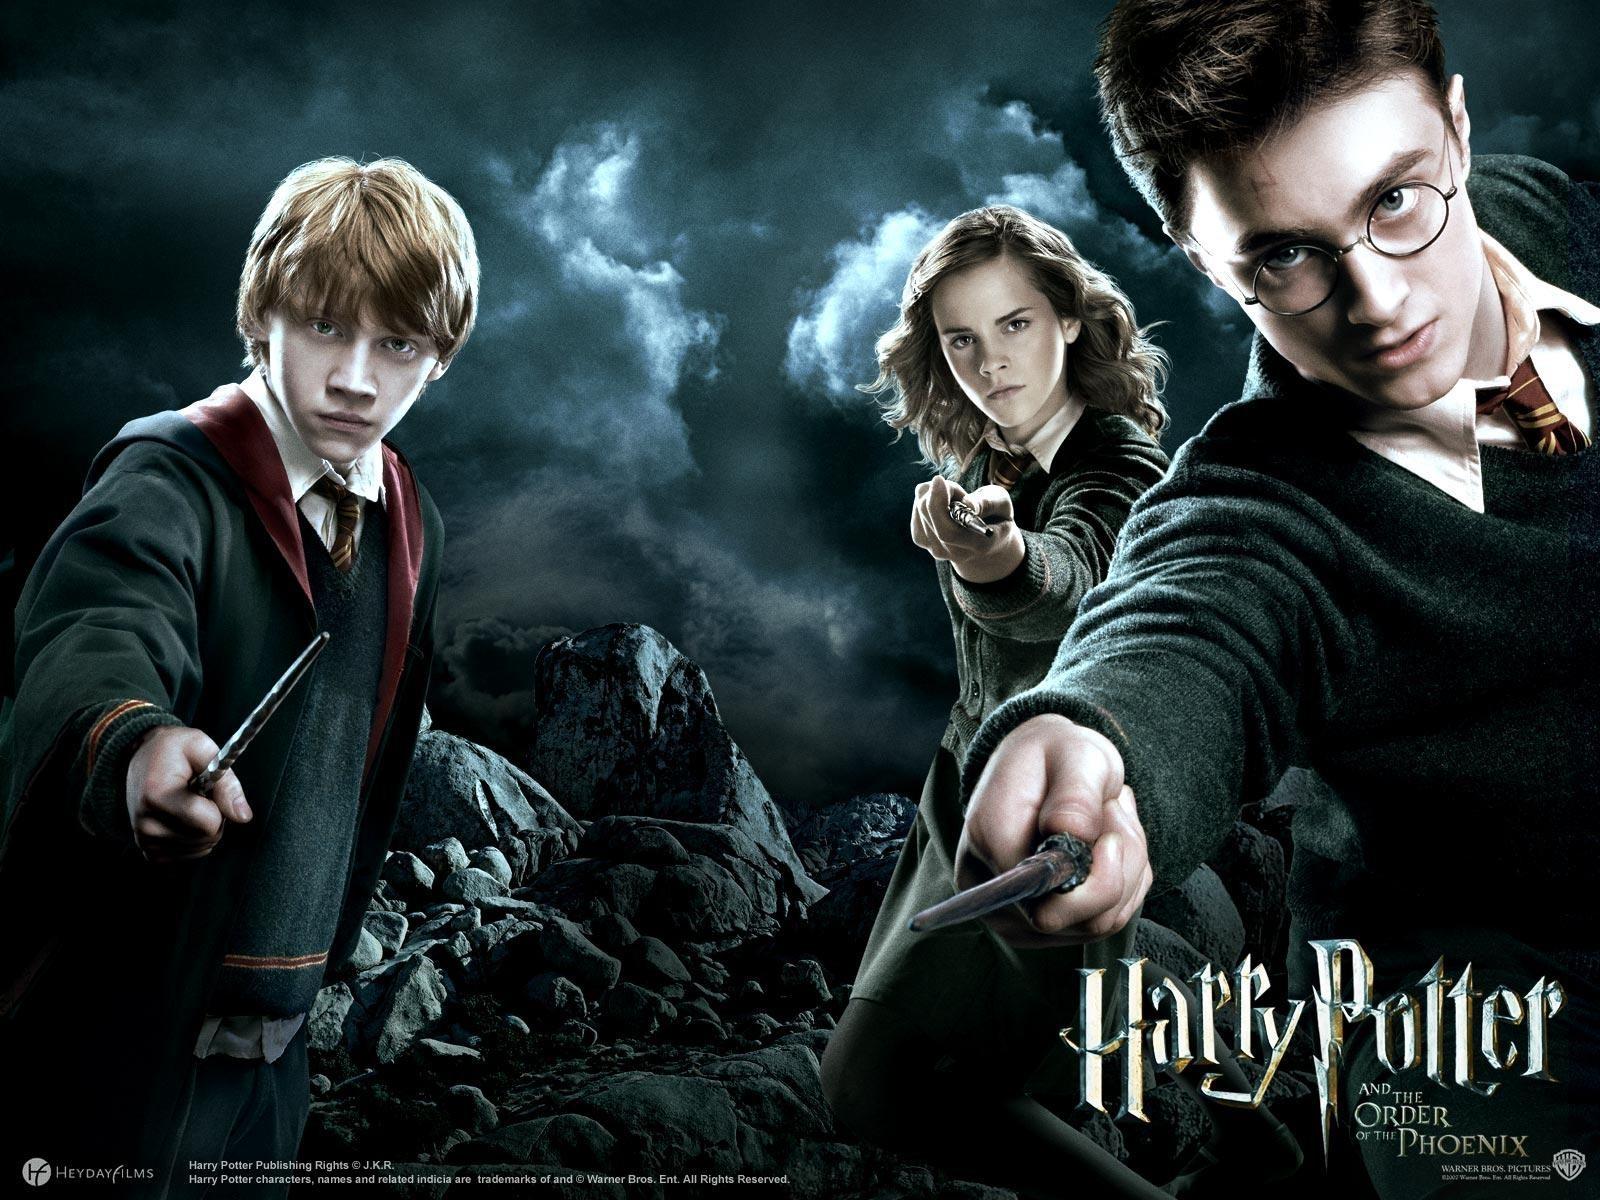 http://2.bp.blogspot.com/-lyk7rpmZ3A0/TkfXJPewXZI/AAAAAAAAAmg/M0fqCrSRw60/s1600/Harry%2BPotter%2Band%2Bthe%2BDeathly%2BHallows%2Bpart%2B2.jpg